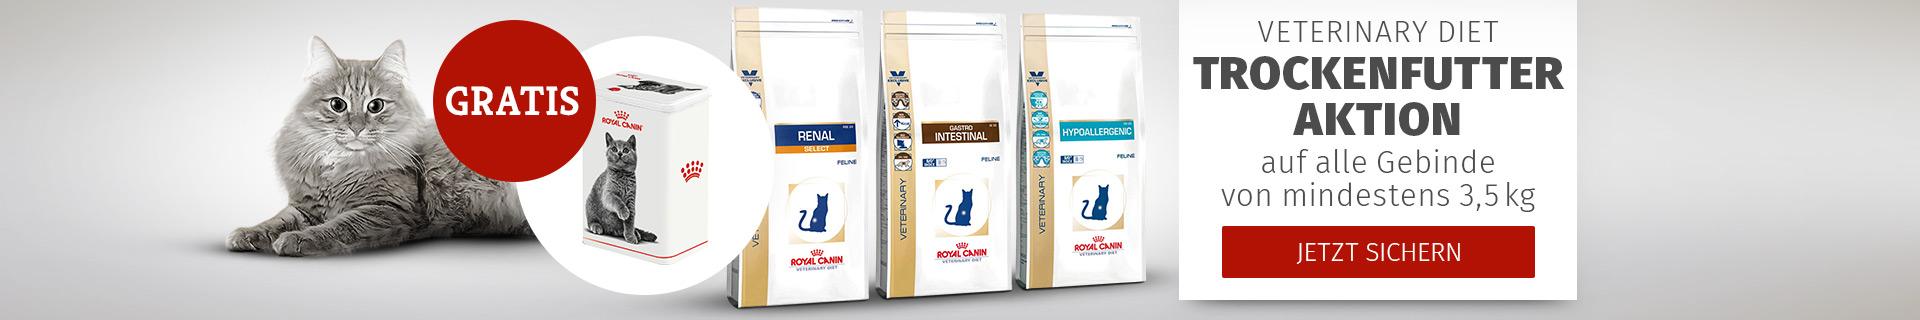 Royal Canin Veterinary Diet Futteraktion auf alle Gebinde von mind. 3,5kg